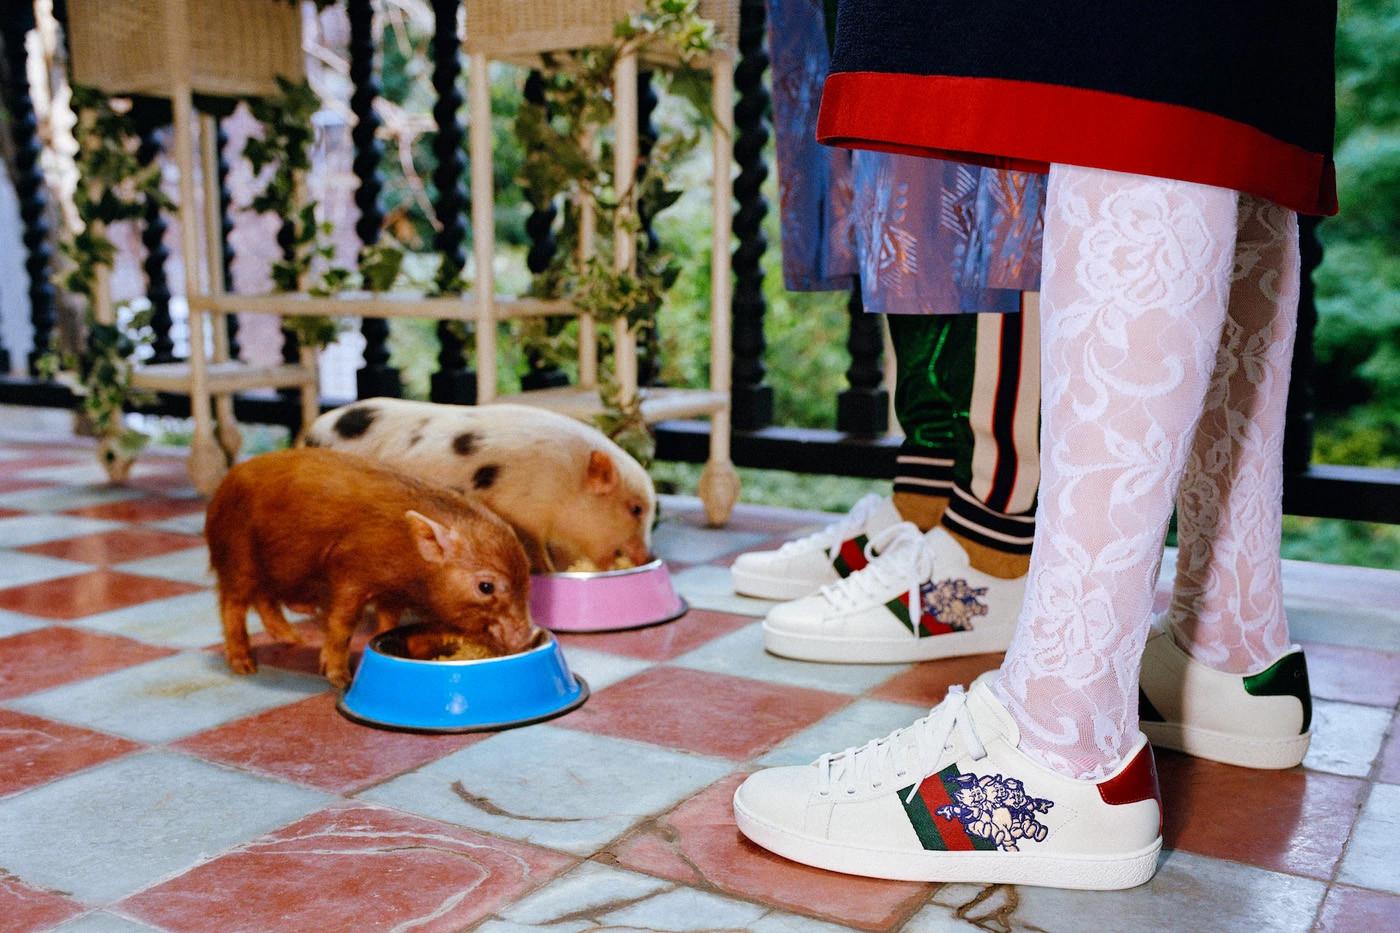 Świnki jedzące z miski i nogi dwójki ludzi